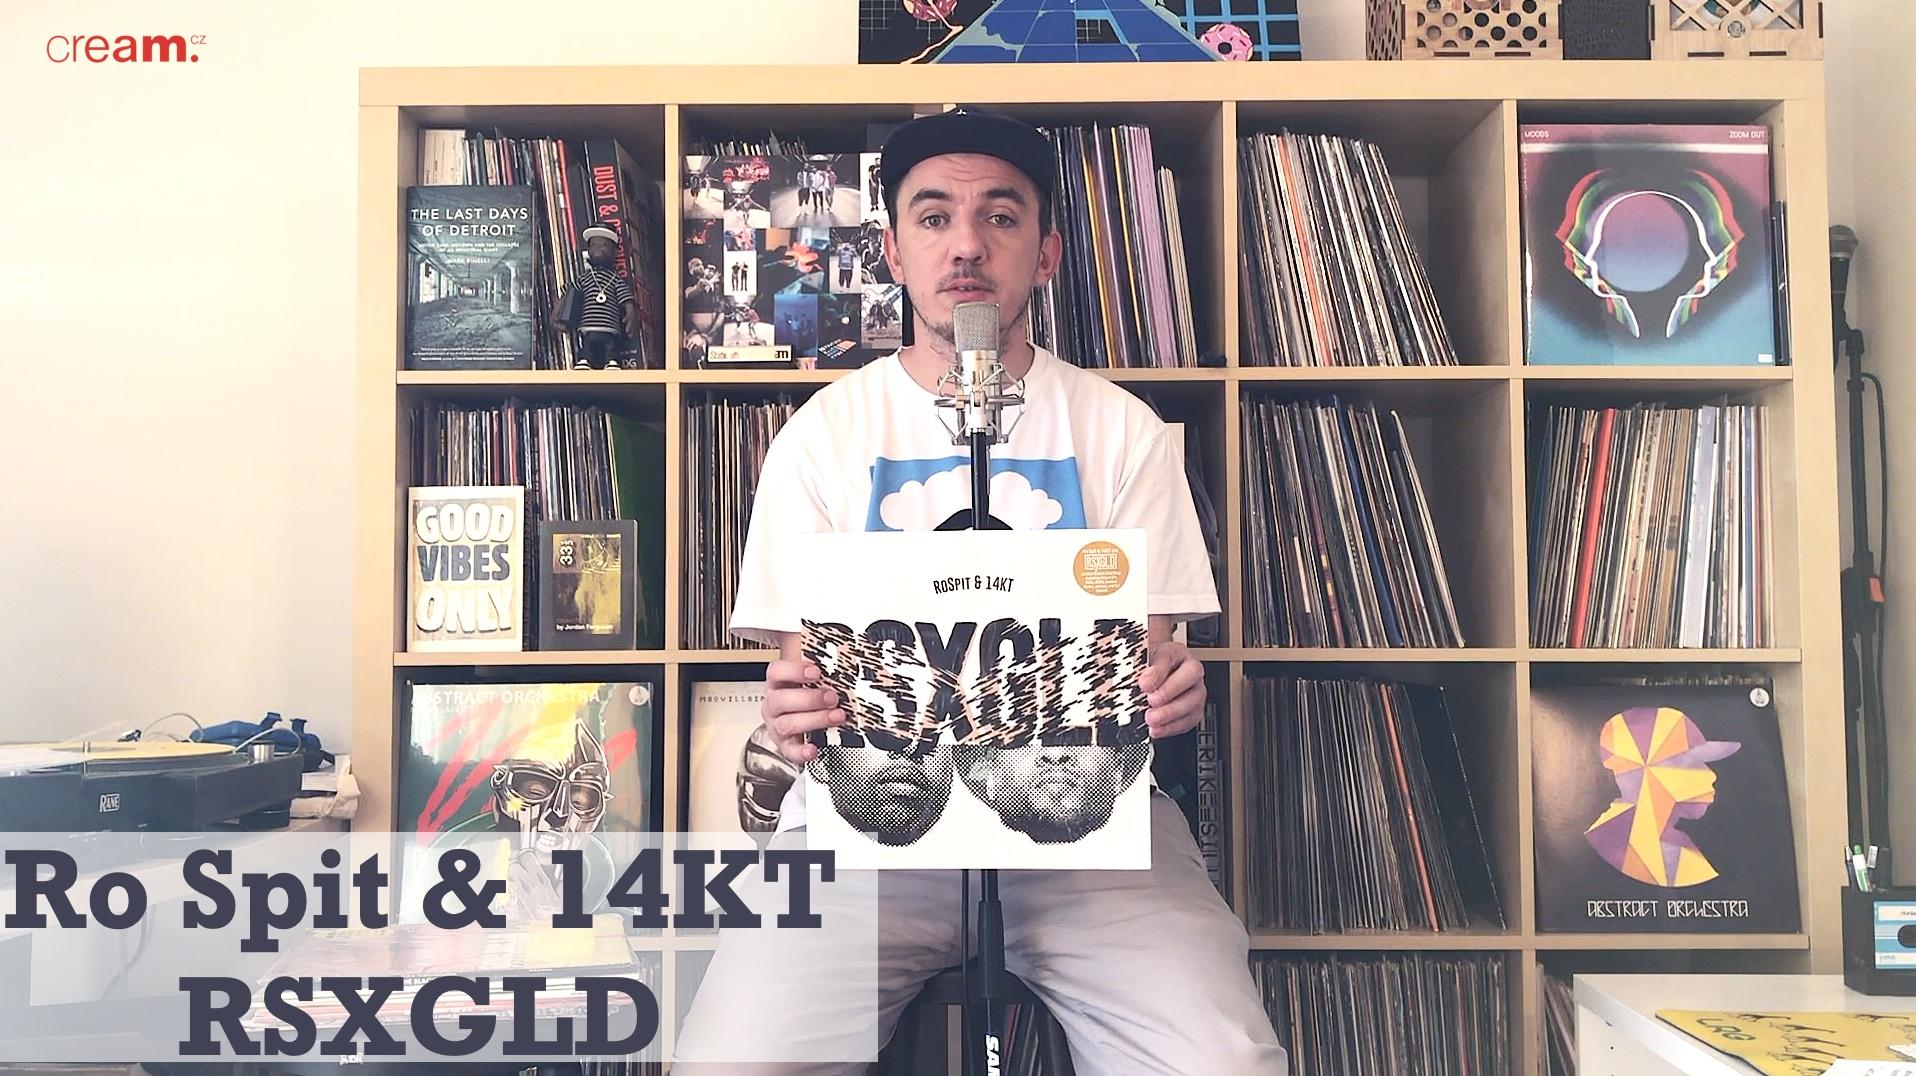 Video: Vše od dvojce Ro Spit & 14KT aka RSXGLD